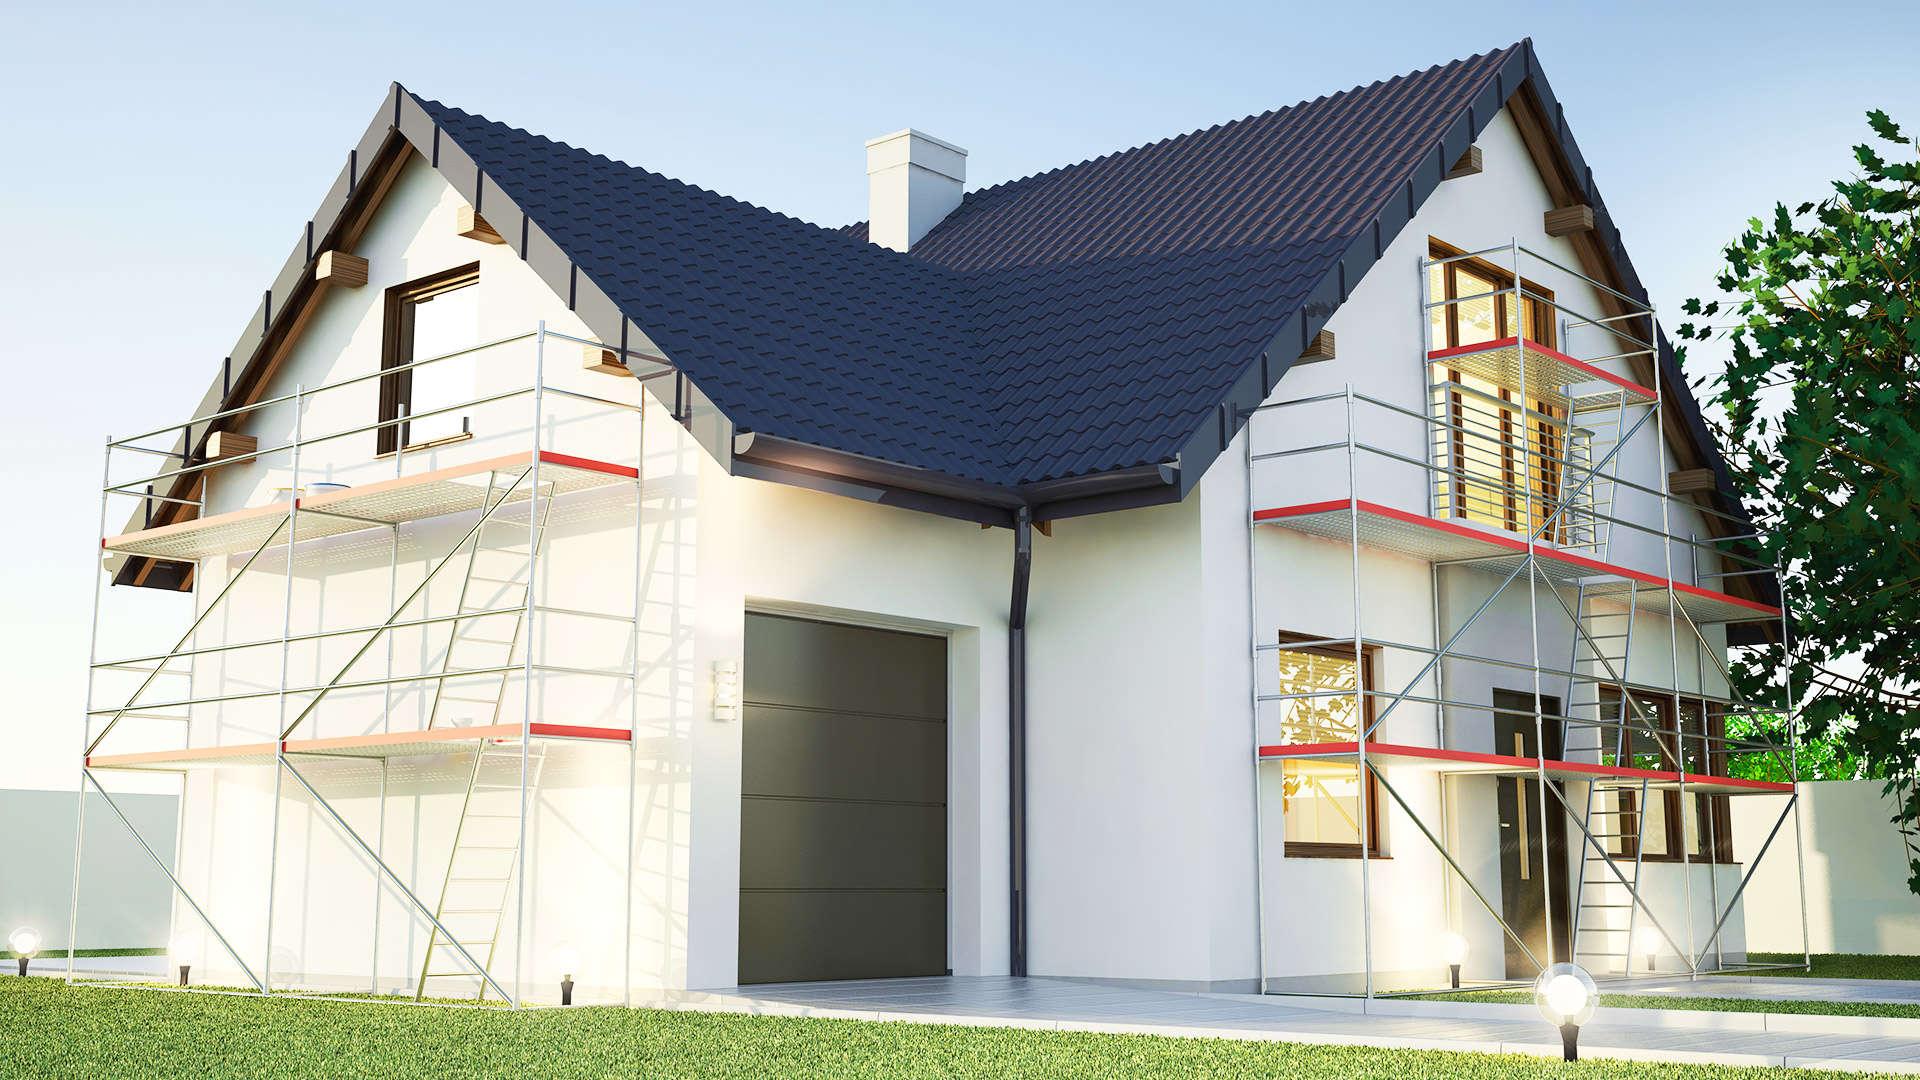 Ocieplanie budynków Krapkowice - Najlepsi w 2020